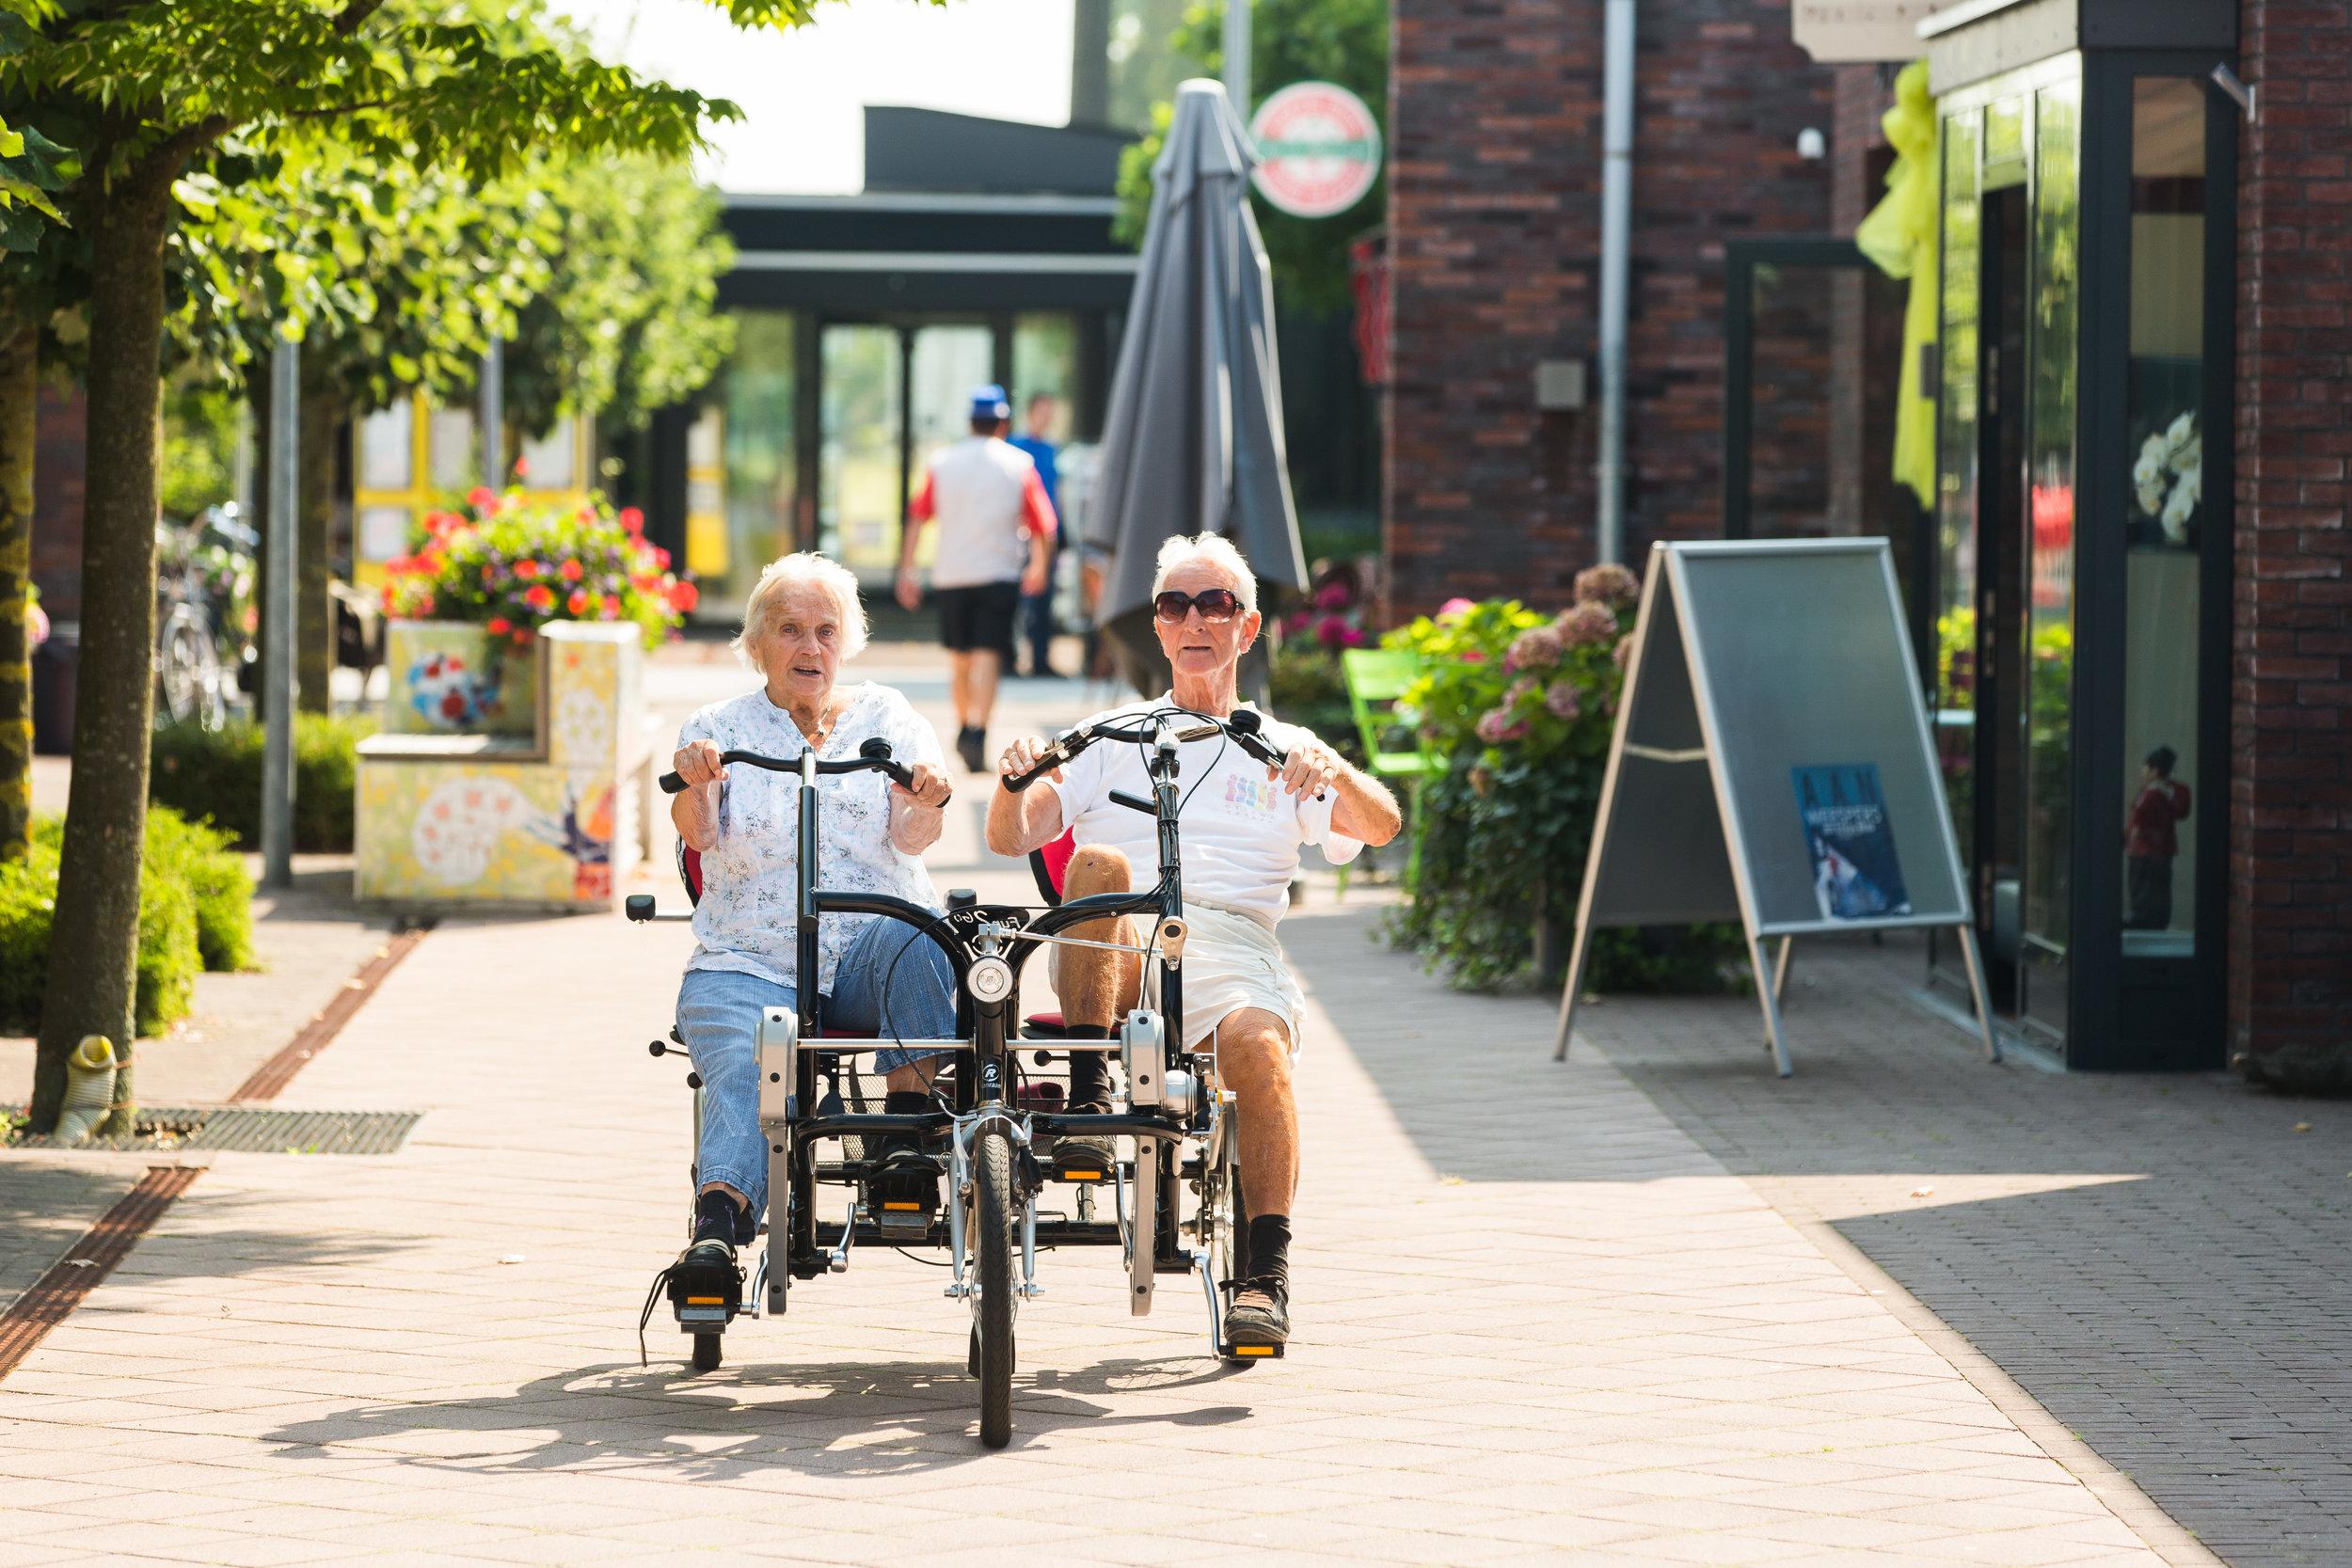 Residents riding a side-by-side bike at De Hogeweyk.